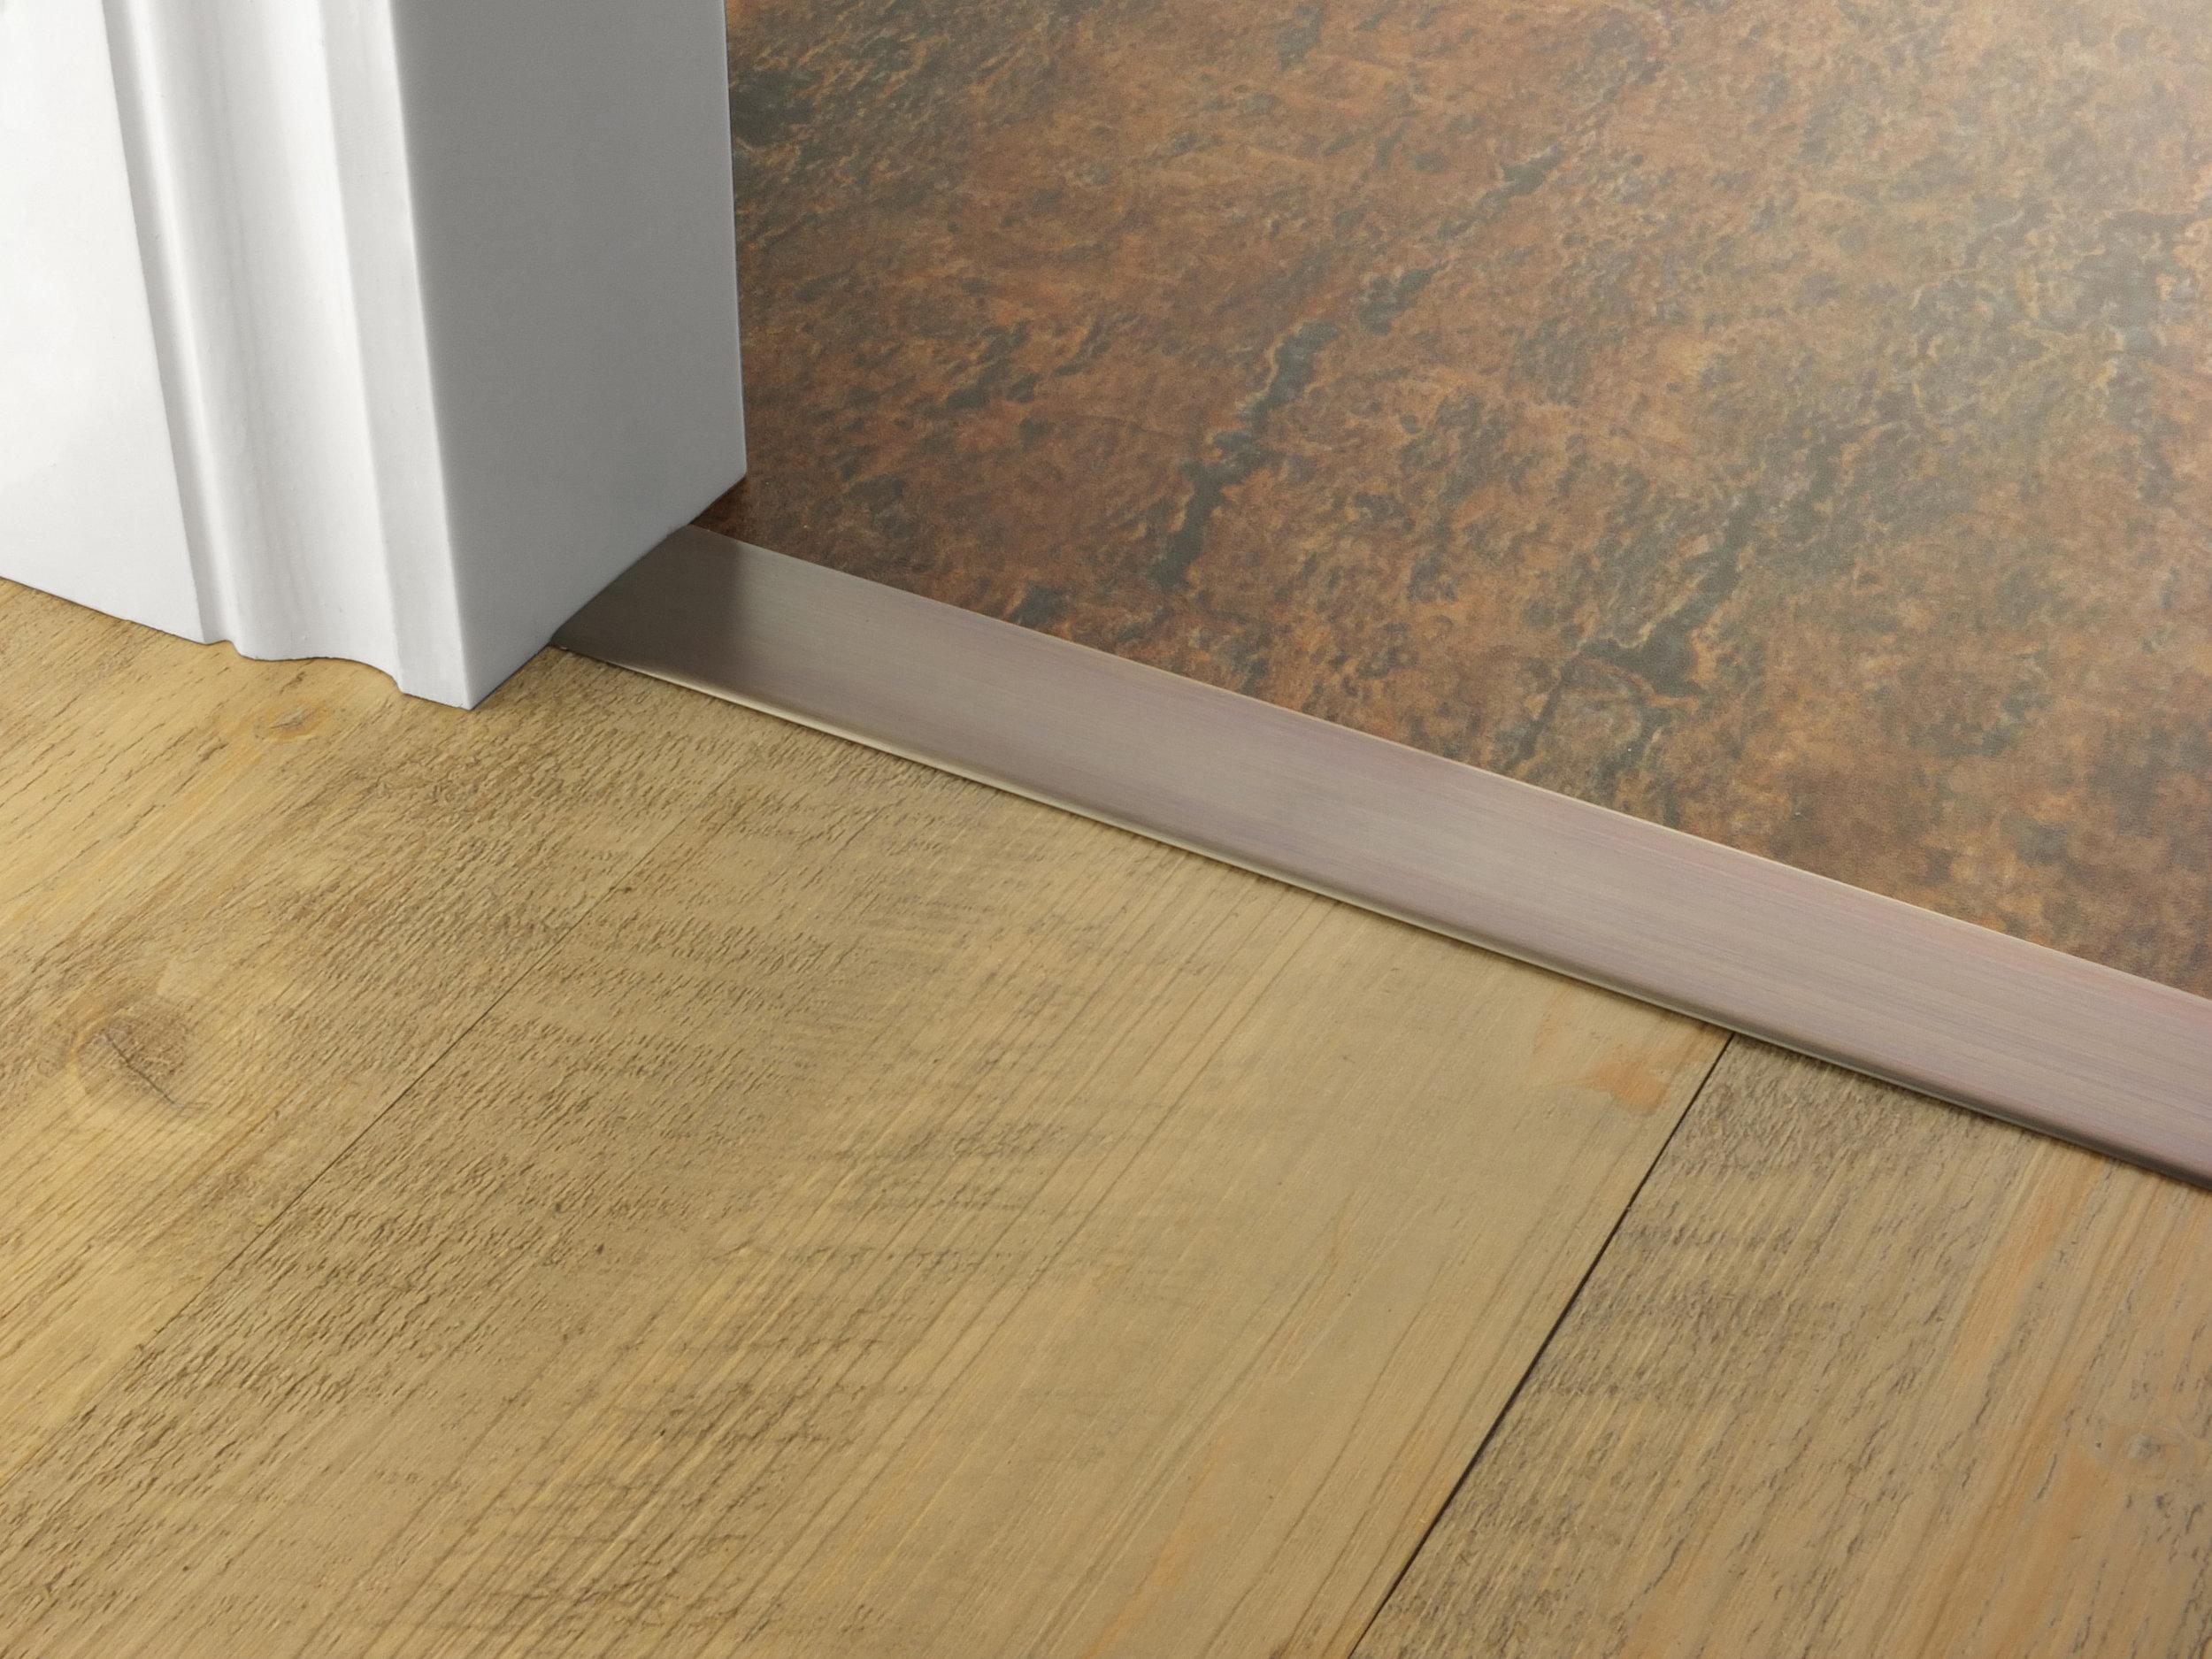 door_bar_floating_cover-40mm_antique_bronze.jpg